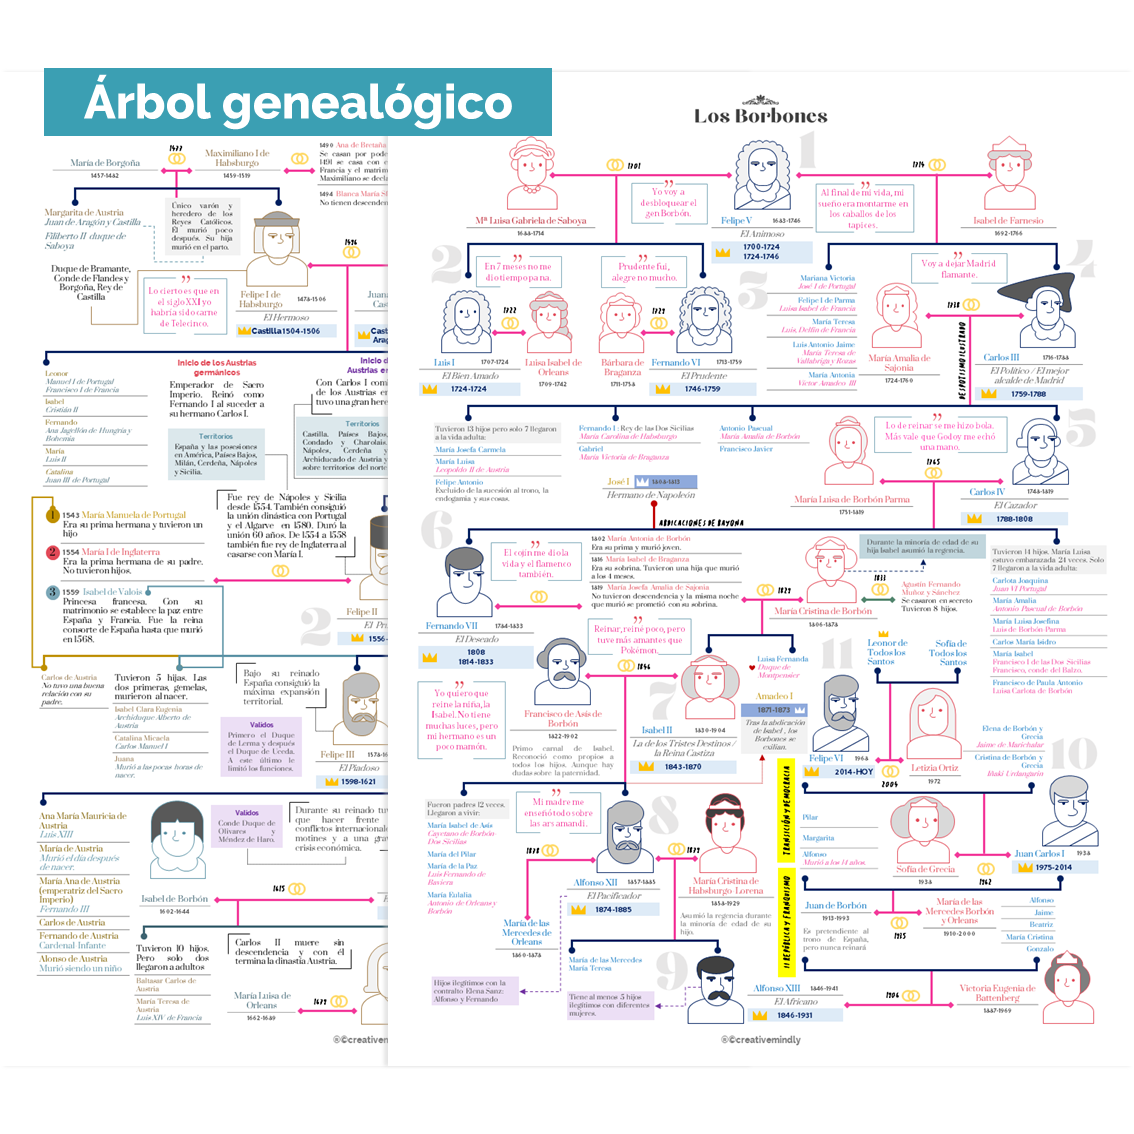 arbol genealogico borbones austrias